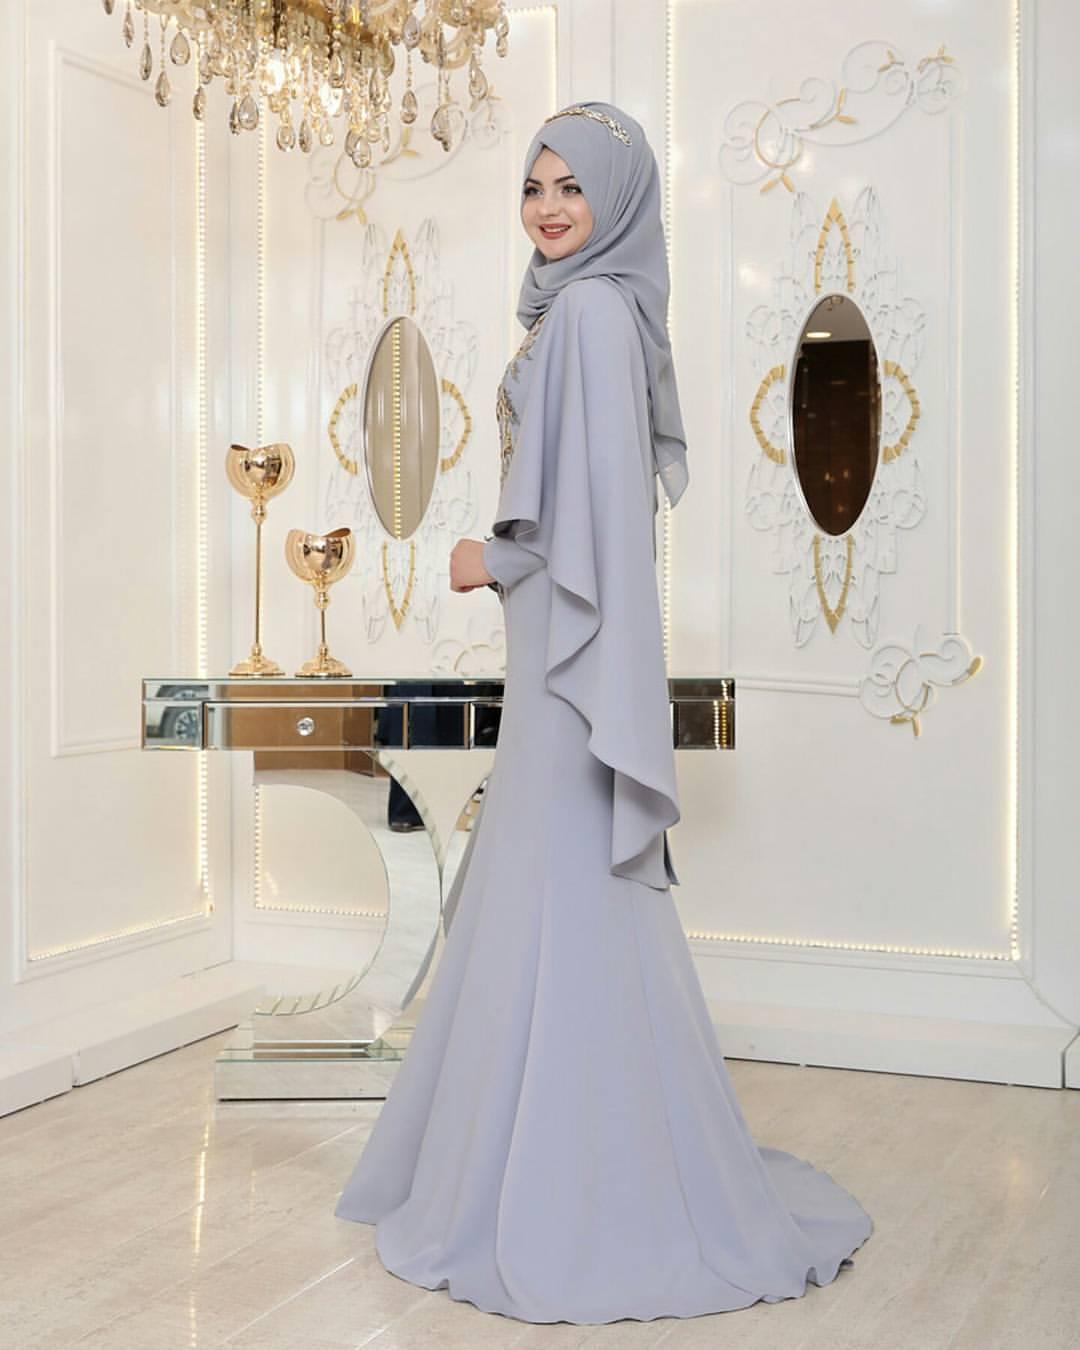 Pinarsems Abiye Modelleri 25 - 2018 Pınar Şems Abiye Modelleri